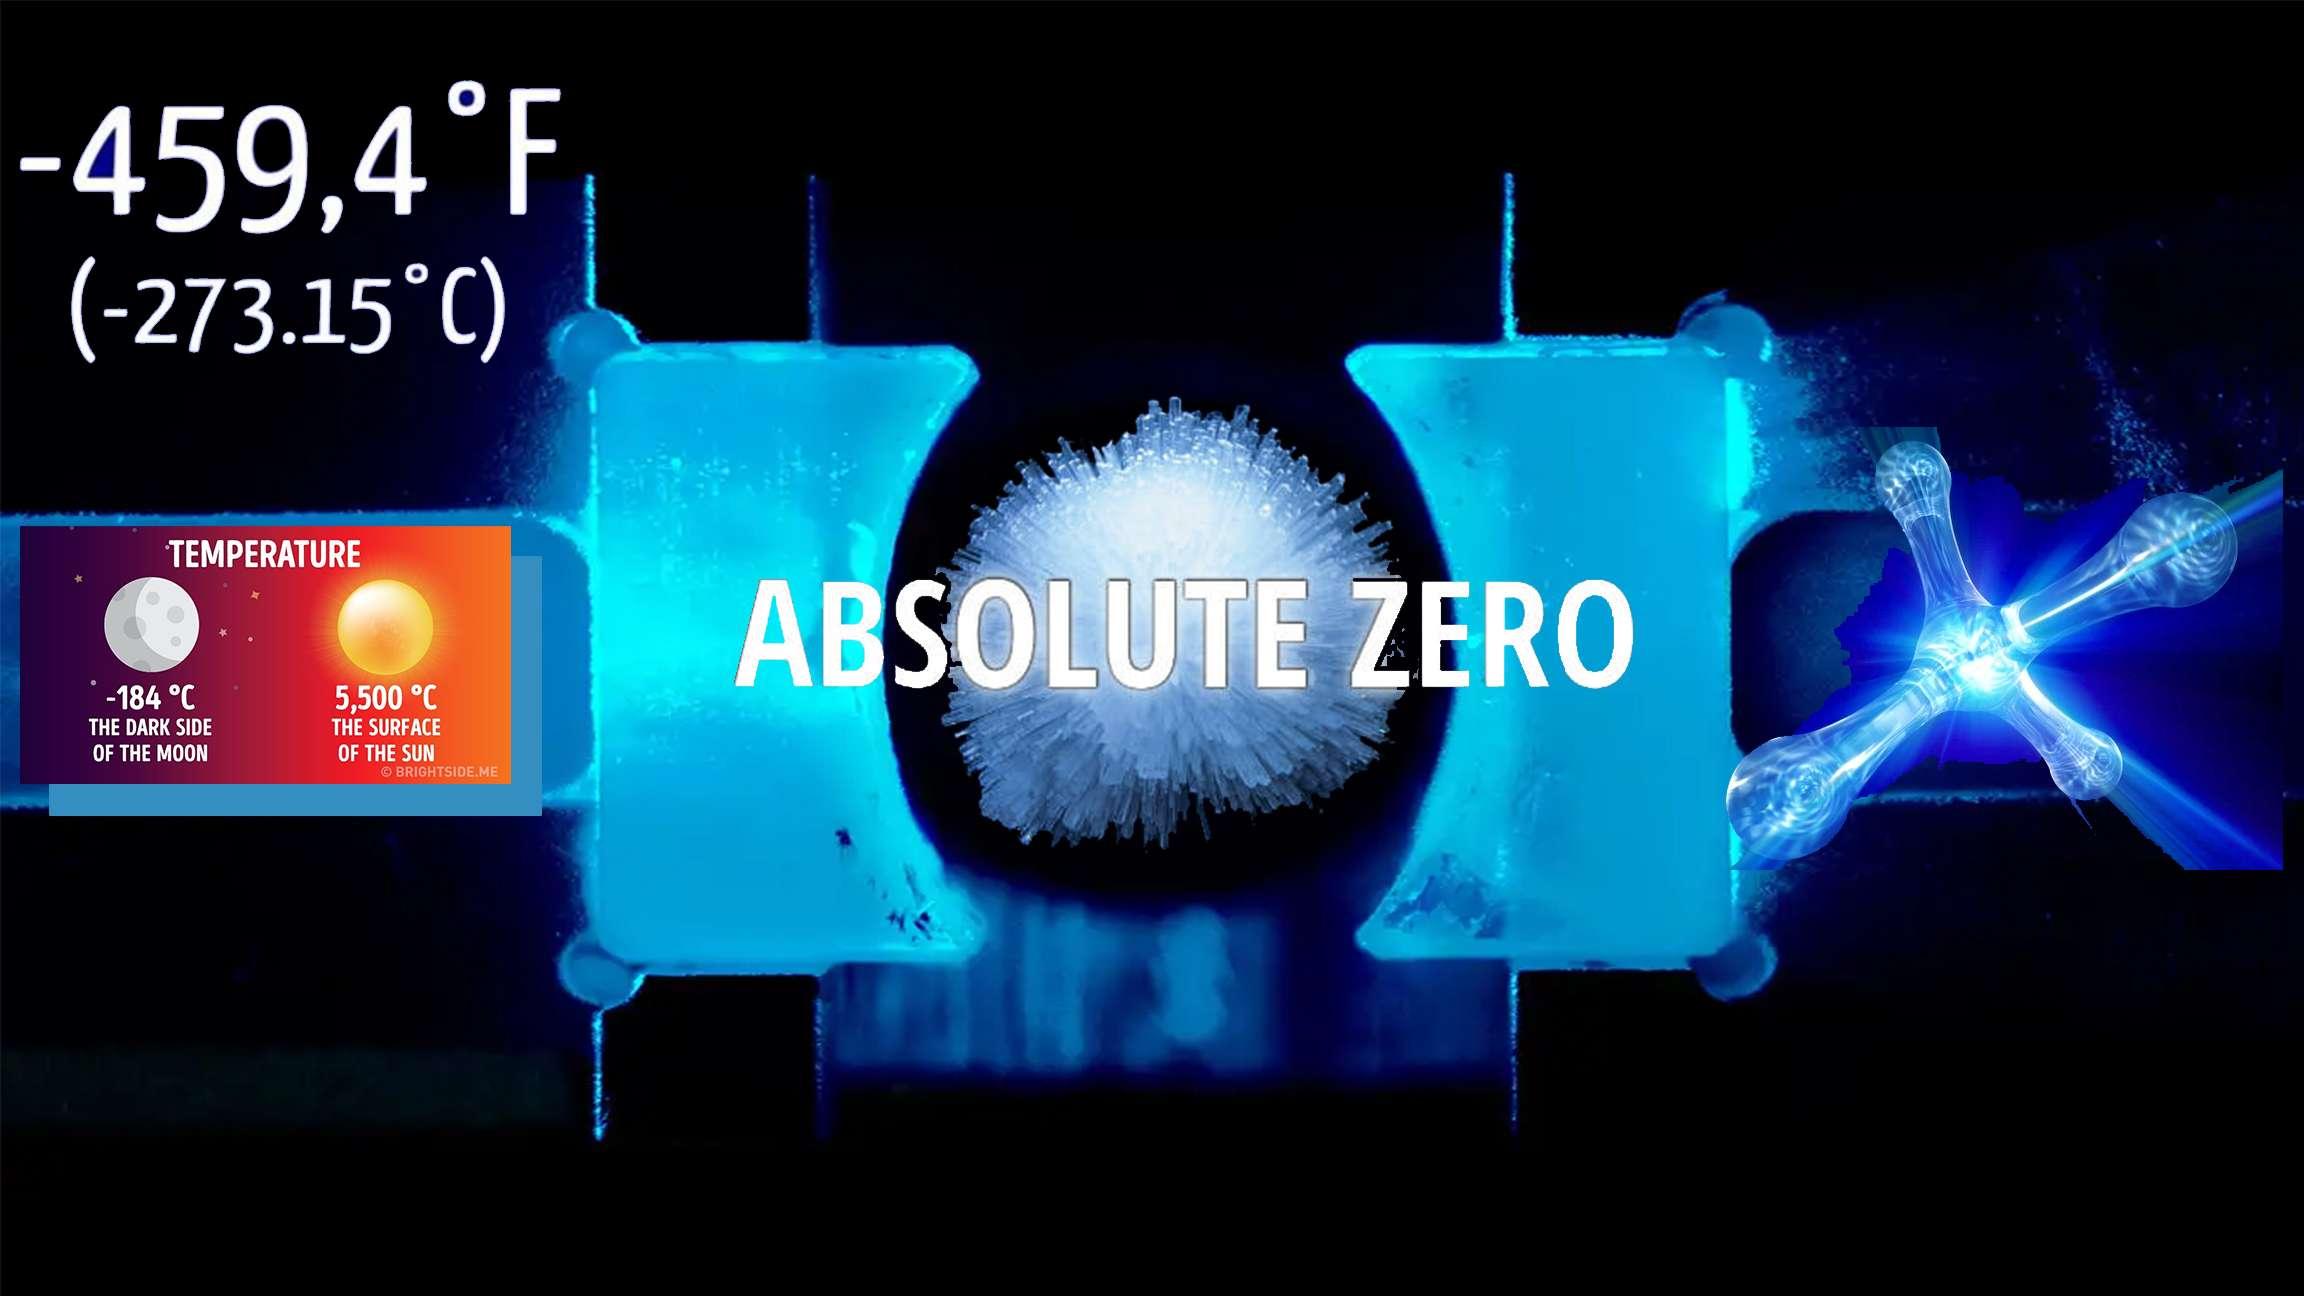 Απόλυτο Μηδέν - Abs zero